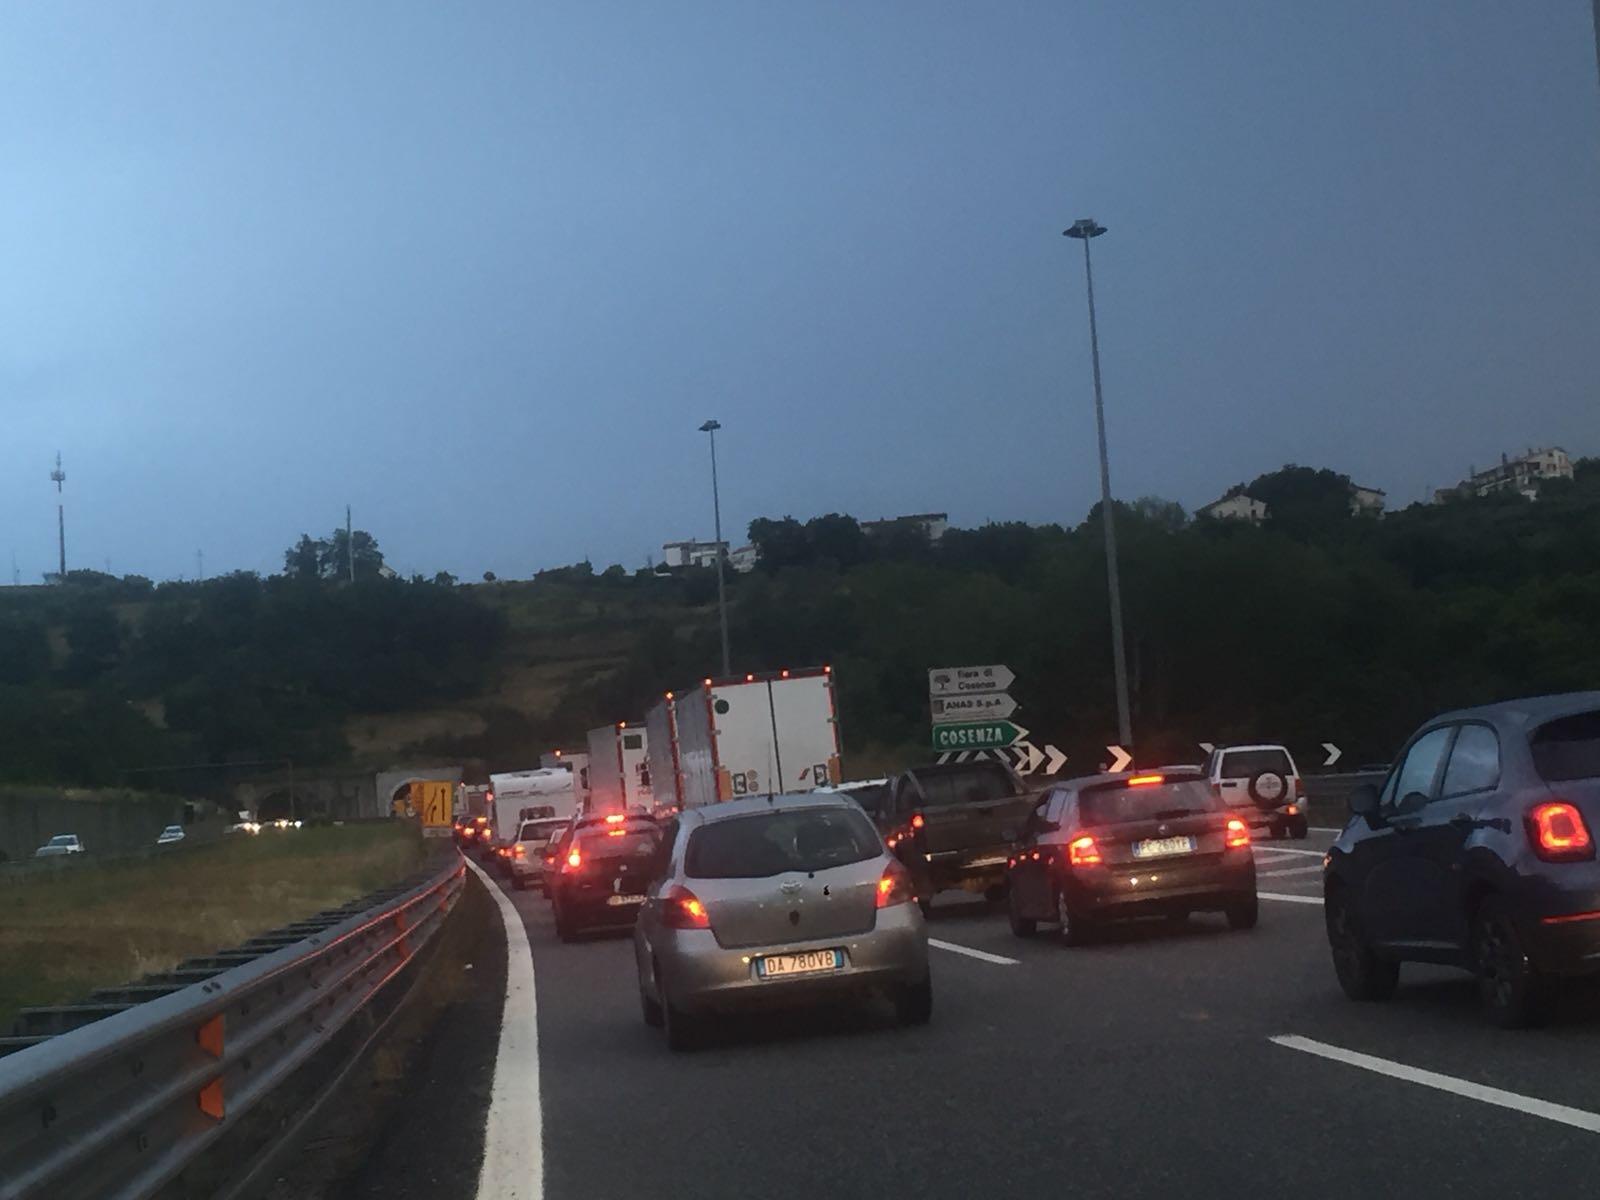 Incidente sull'autostrada del Mediterraneo nel CosentinoFerite alcune persone, lunghe file per gli automobilisti